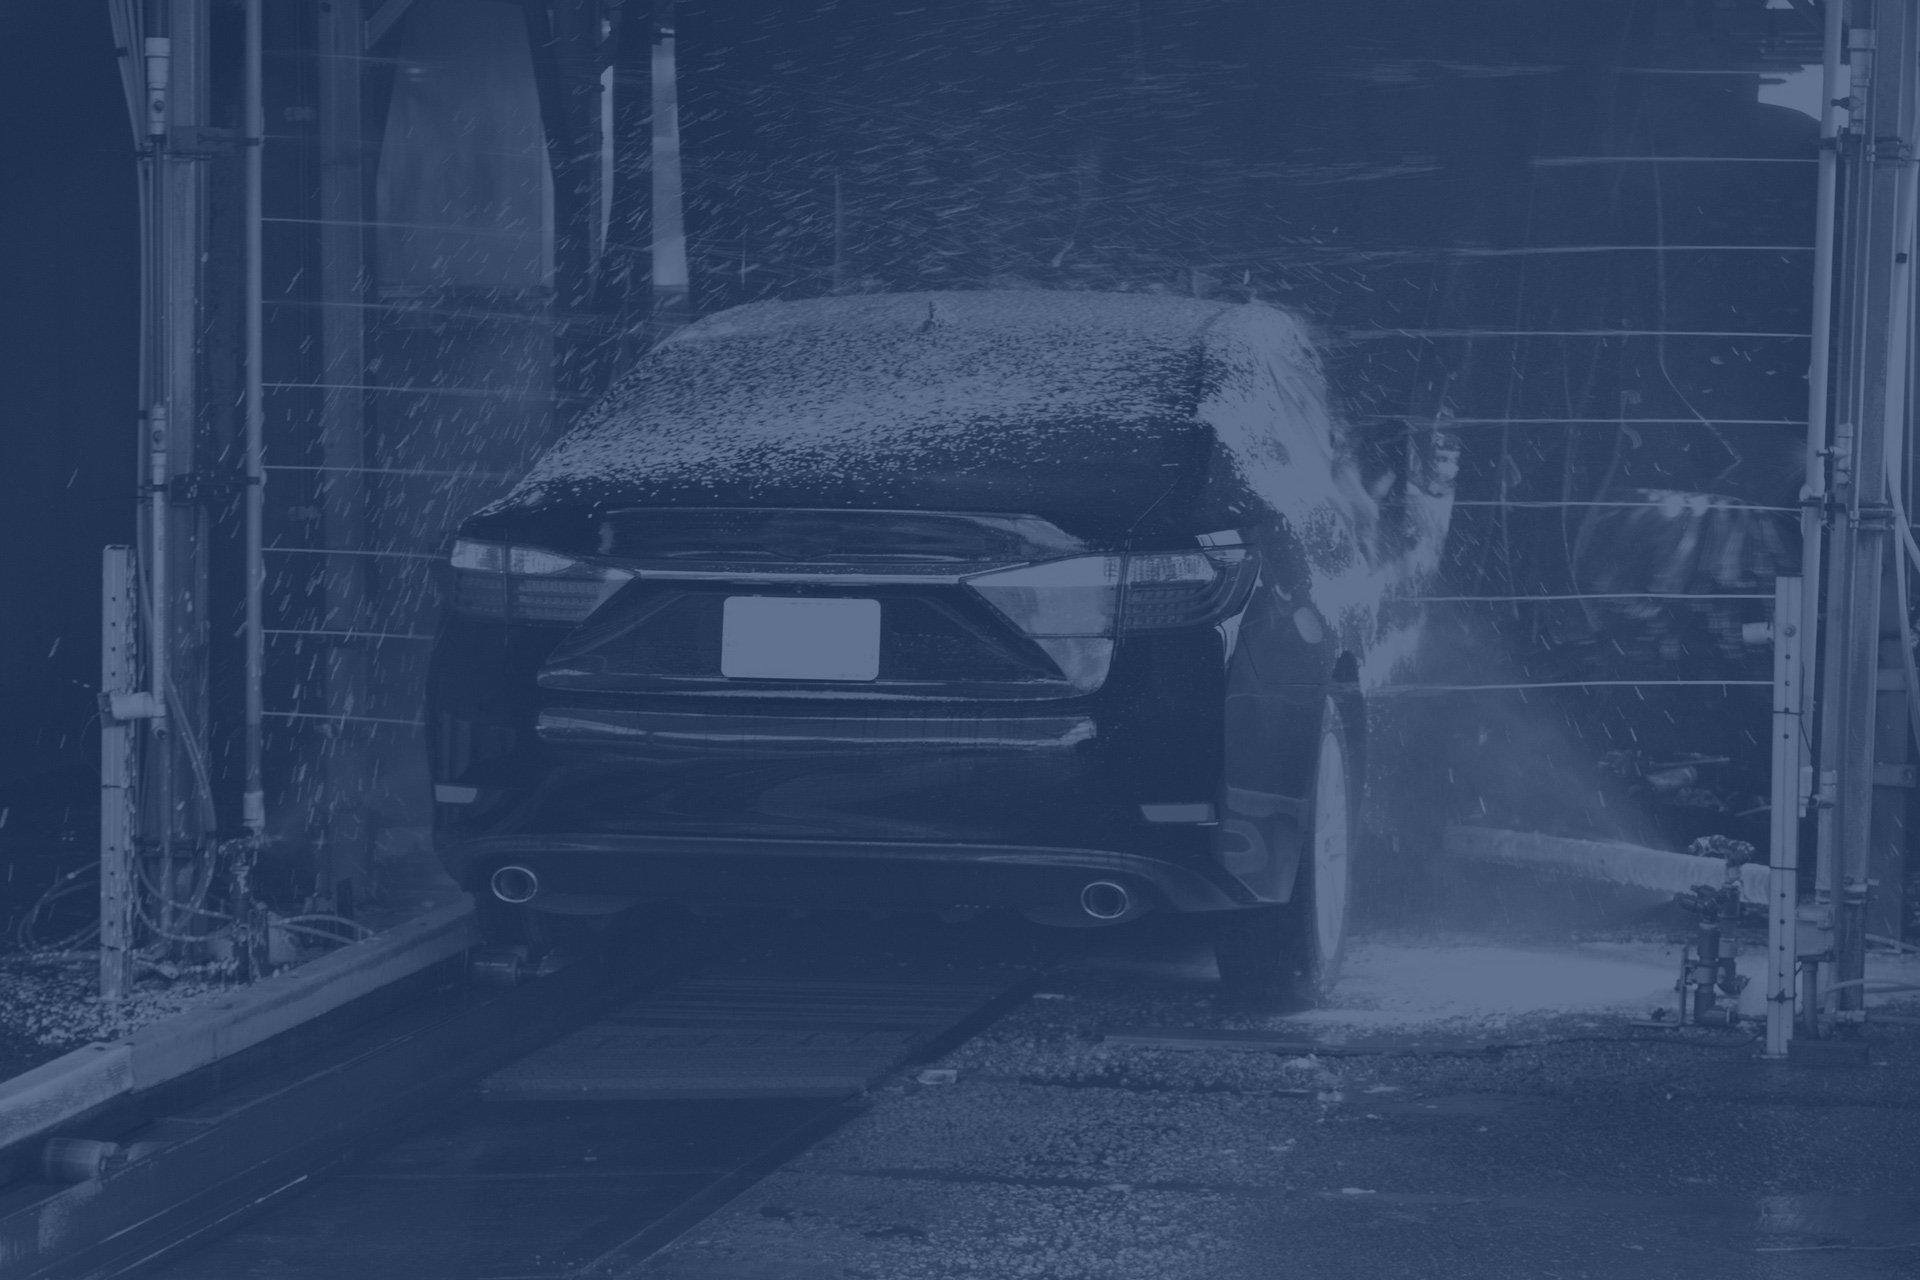 blue-car-wash